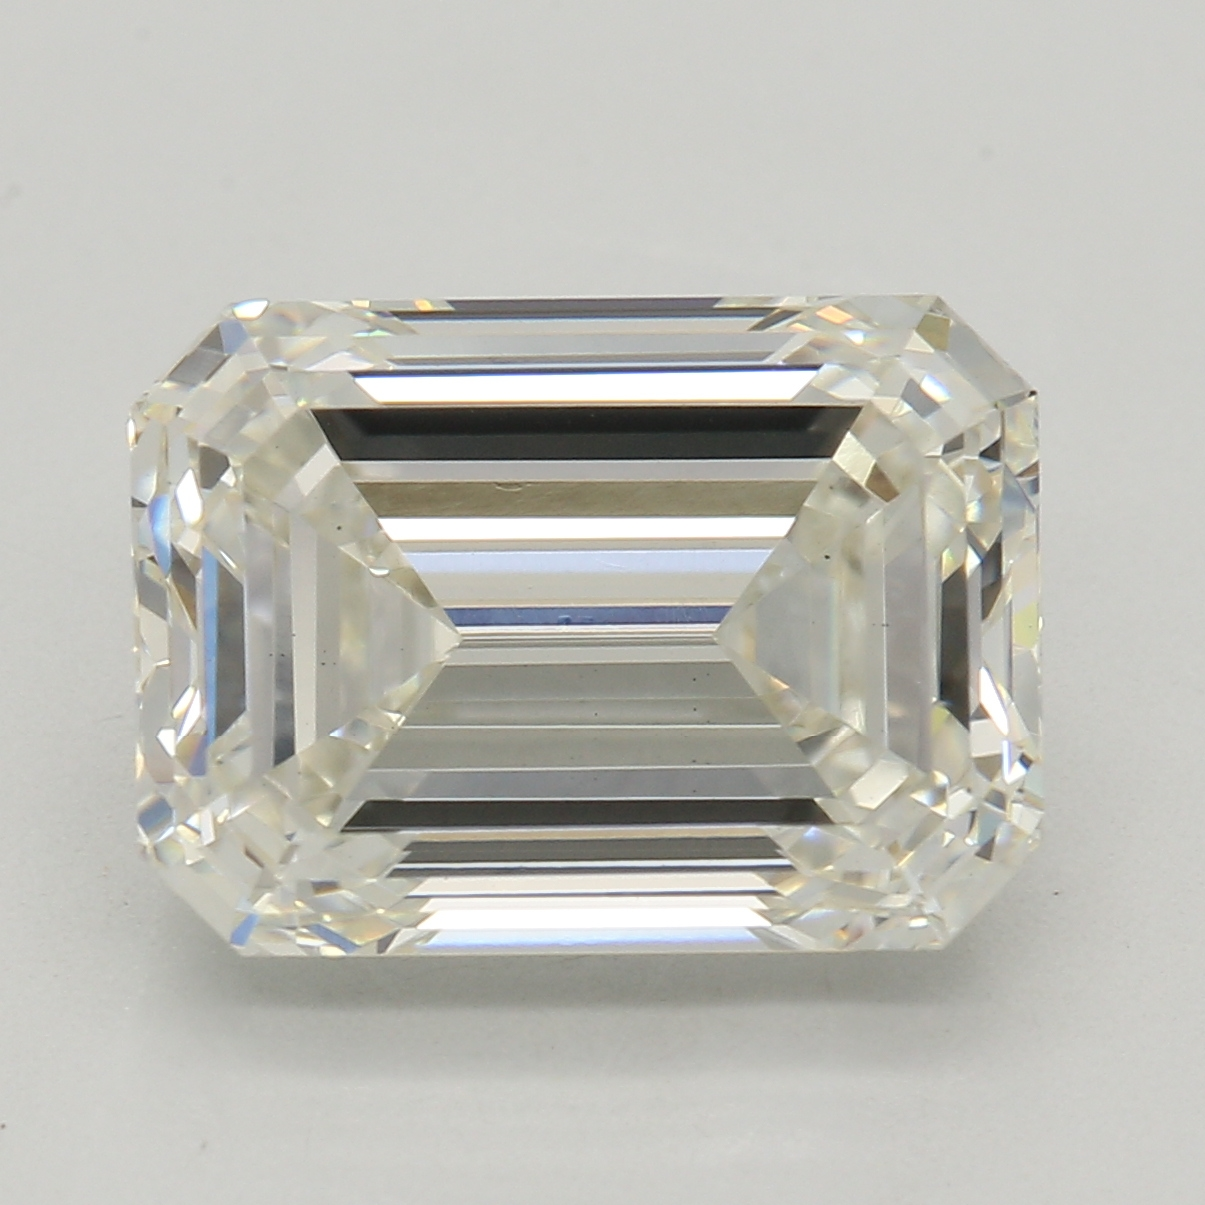 Emerald Cut 3.01 Carat J Color Vs1 Clarity Sku Lg66333181